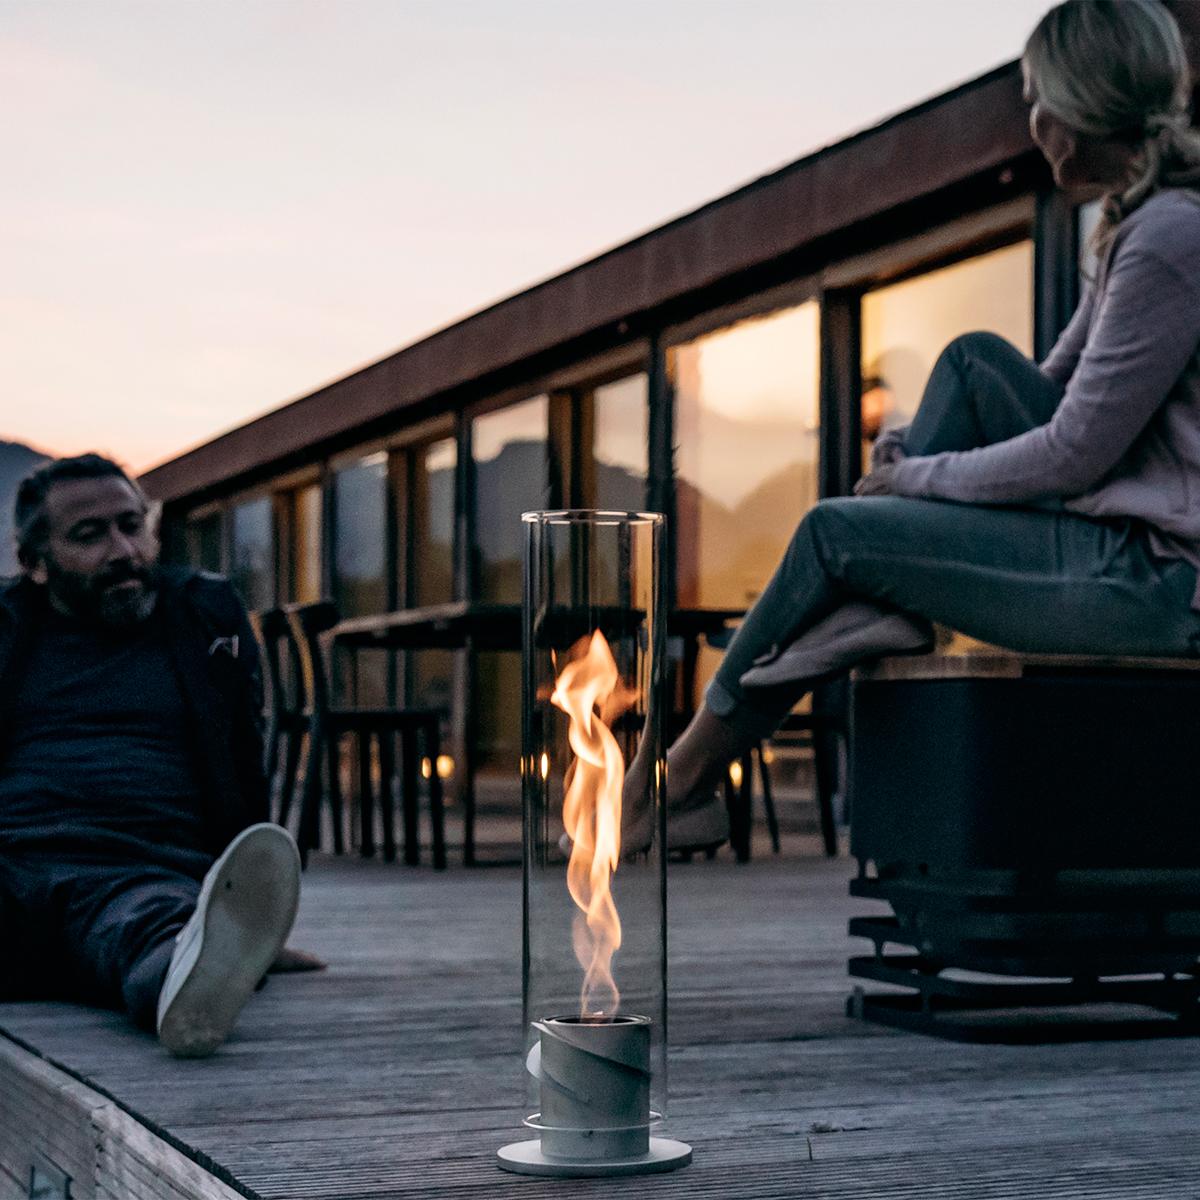 テーブルの真ん中で・テラスに腰掛けて楽しむ。煙突効果で炎が廻りながら上昇!煙が出にくい安全燃料の「テーブルランタン&ガーデントーチ」|Hofats SPIN(ホーファッツ スピン)